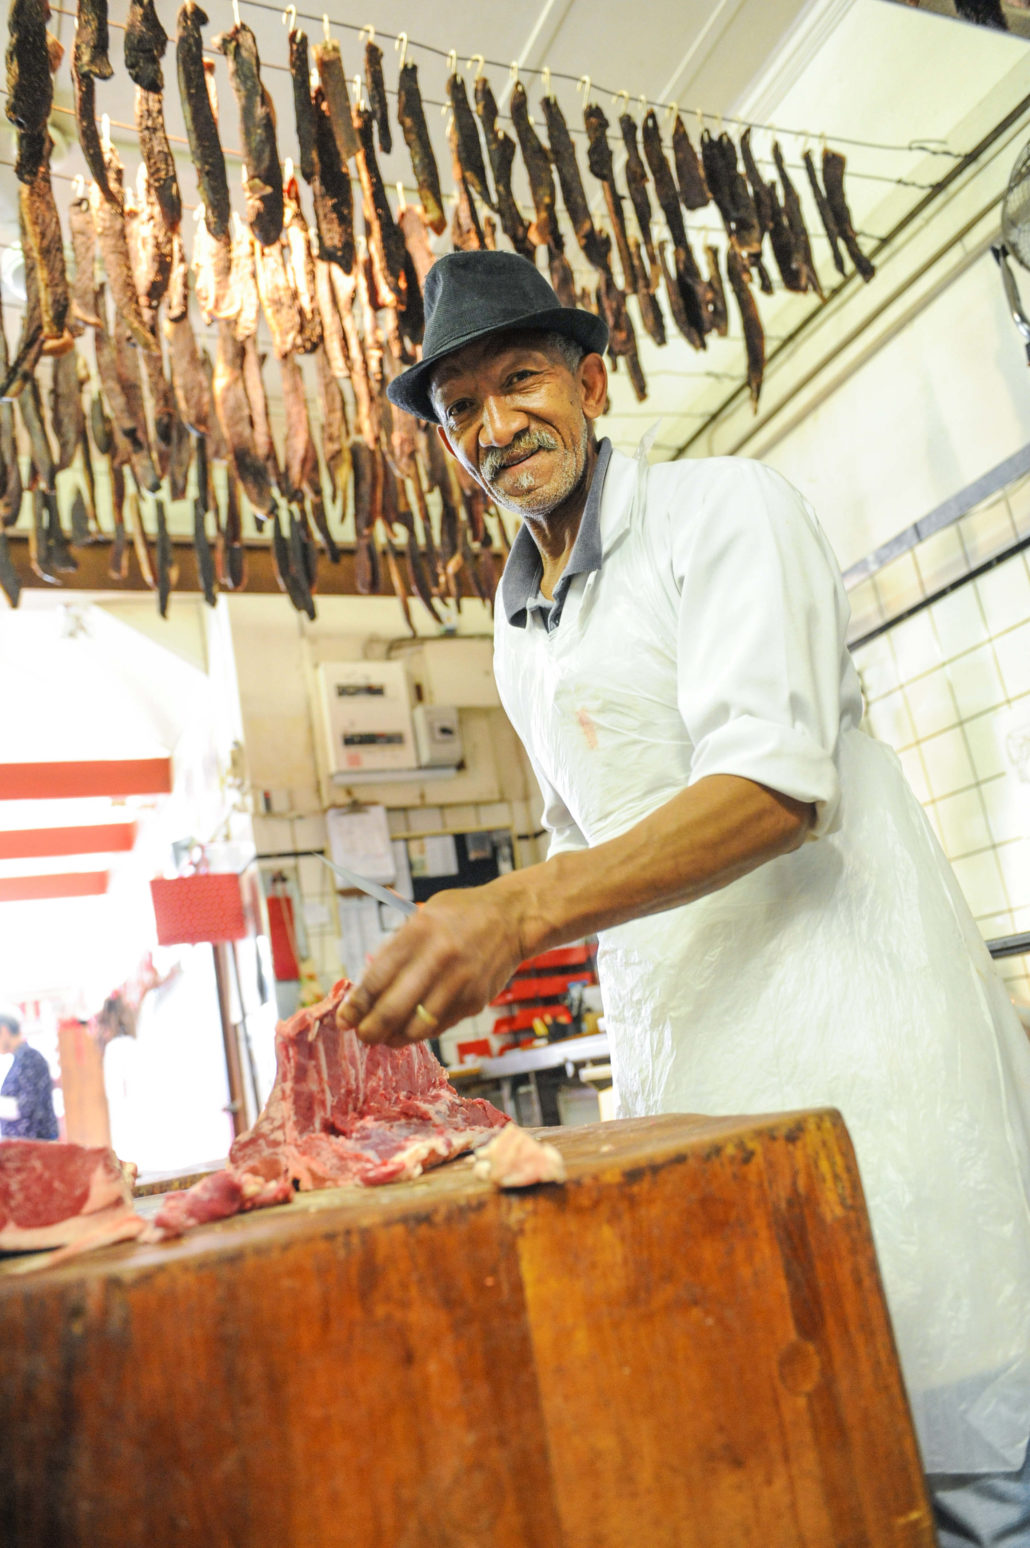 Eikenboom Butchery in Stellenbosch